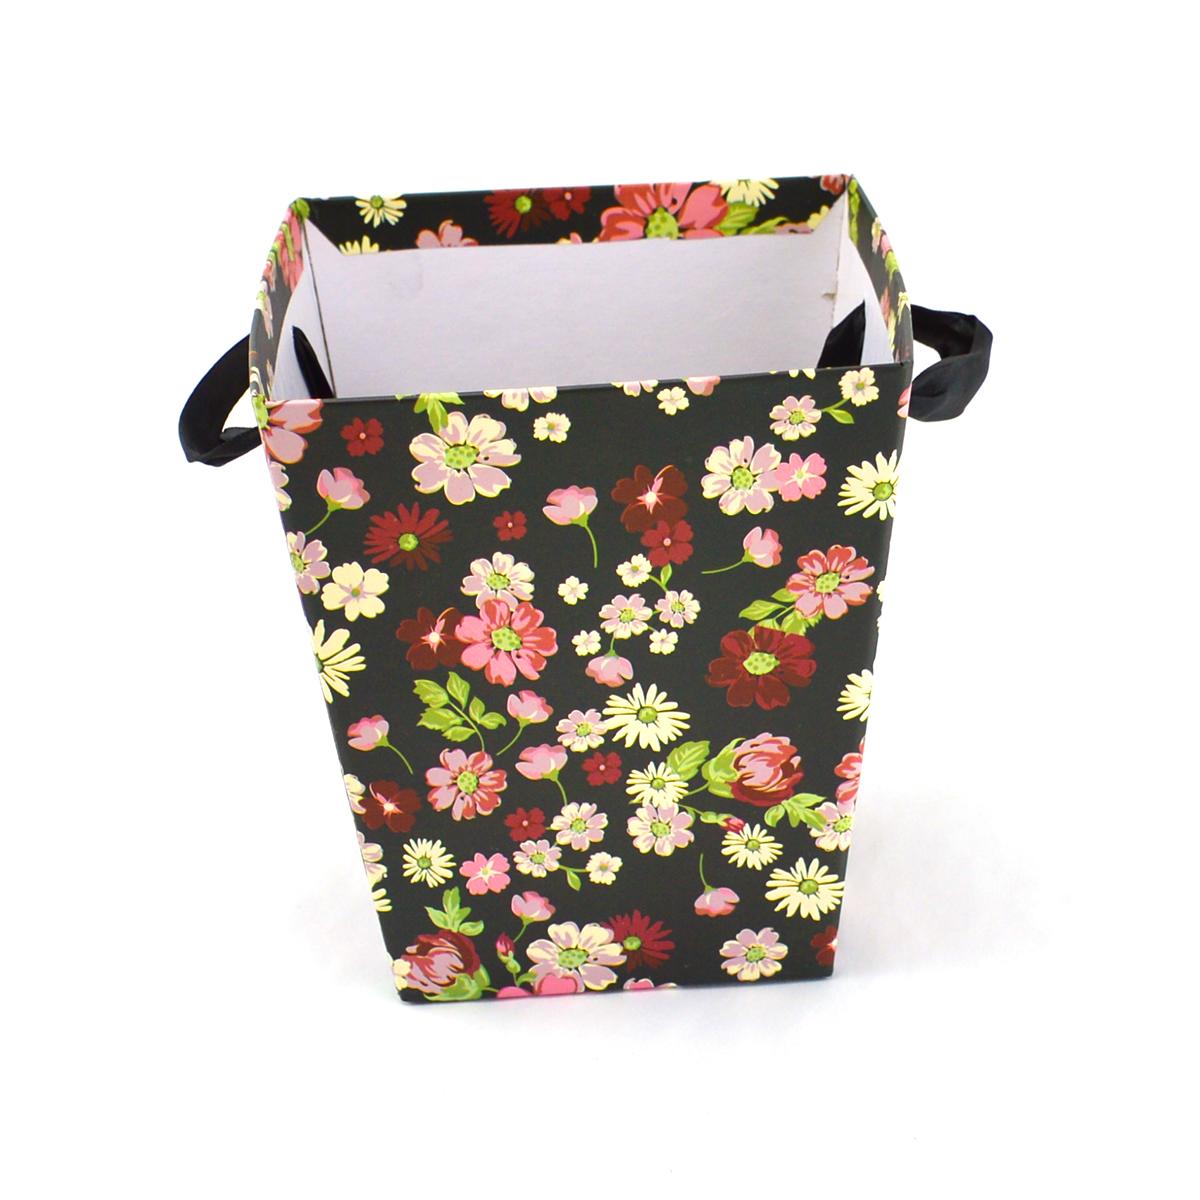 Ambalaje Flori ONLINE vinde Cutie Carton Tip Sacosa Negru cu Floricele la pretul de 7.9 lei